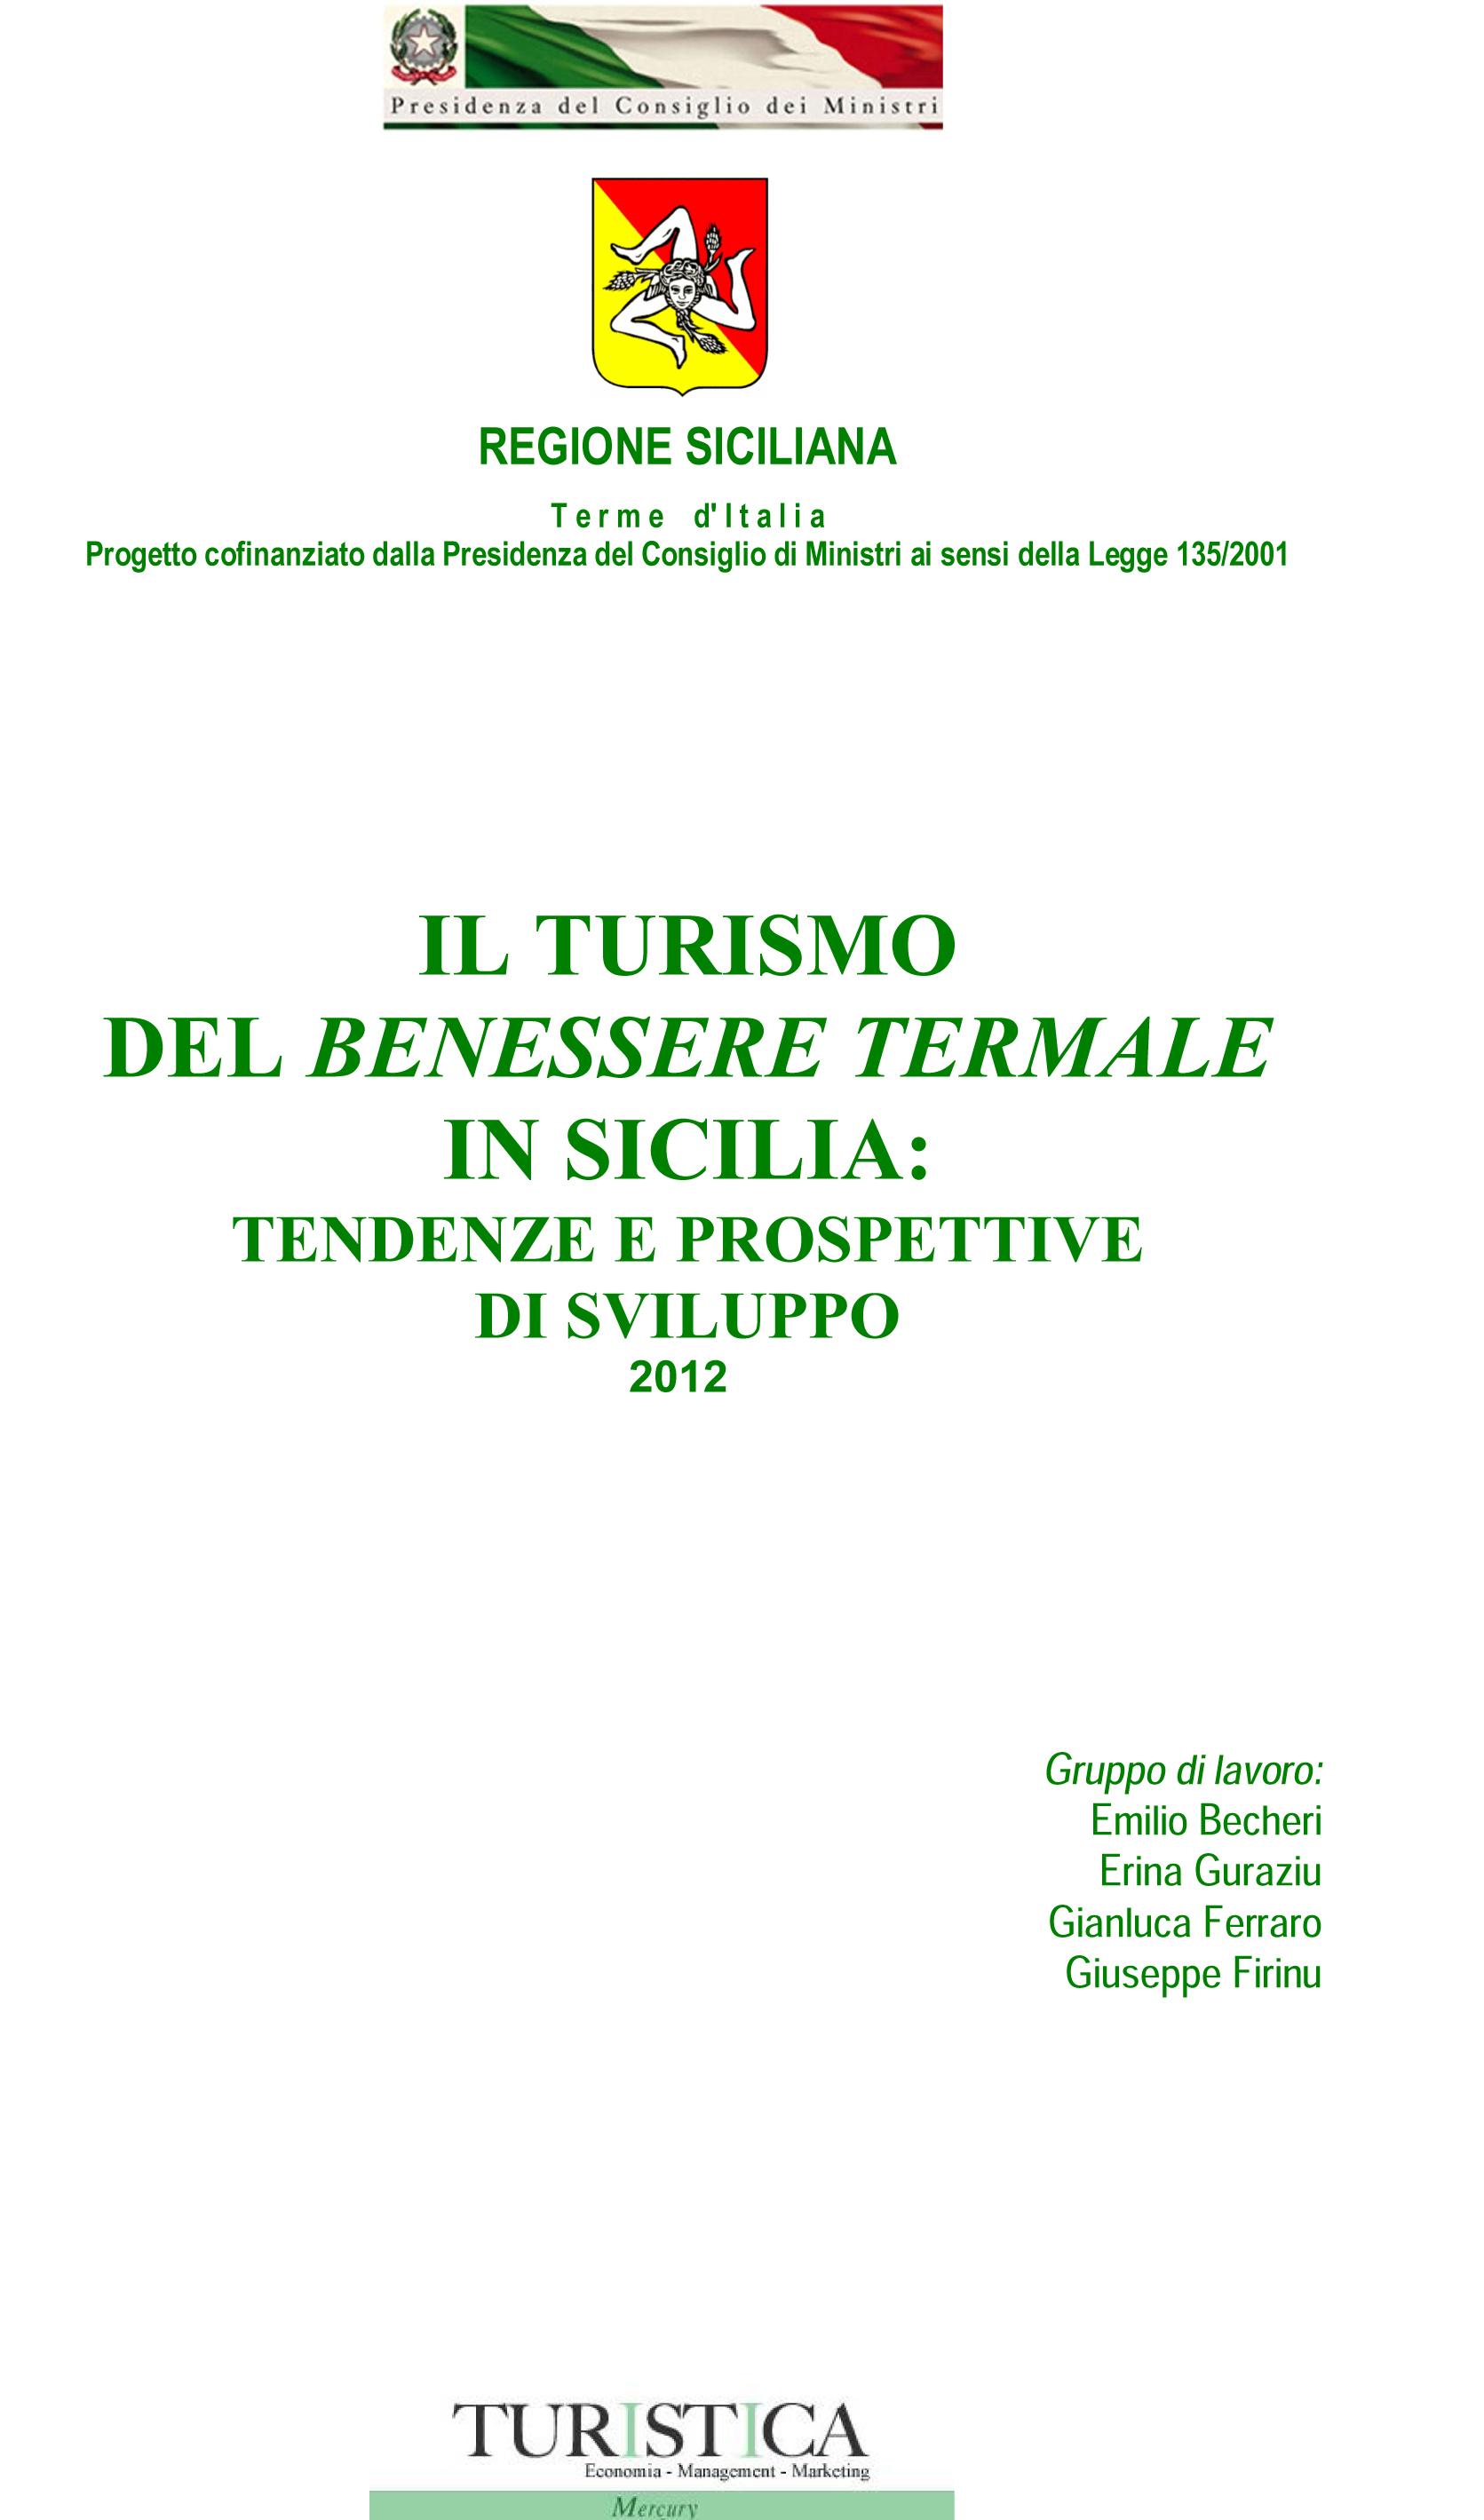 Il Rapporto Sul Turismo Del Benessere Termale In Sicilia